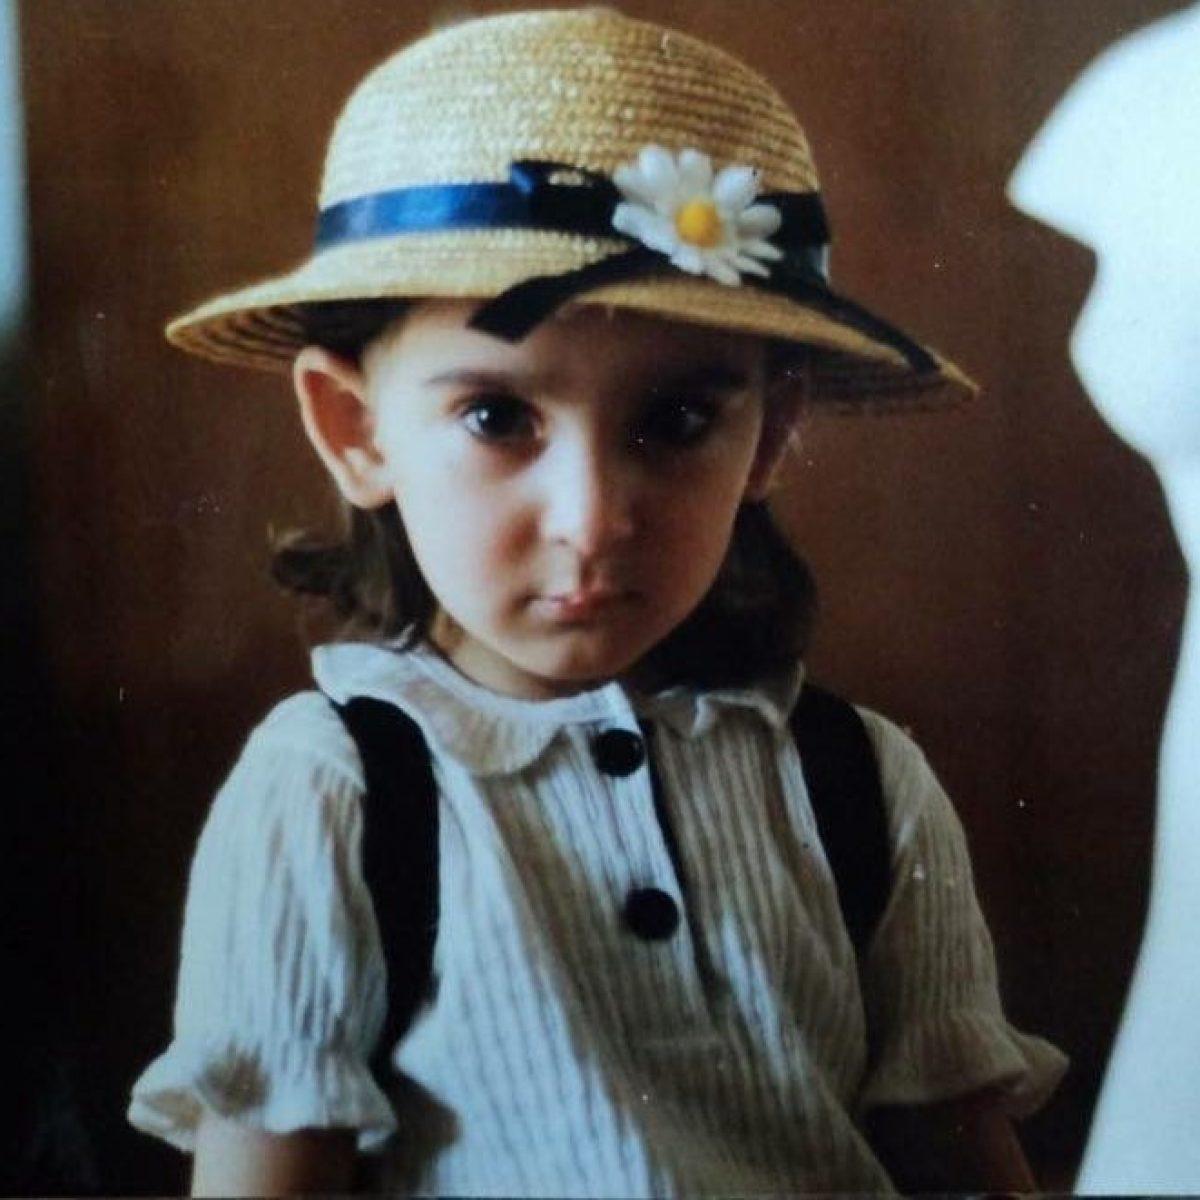 Armine Harutyunyan, la modella di Gucci da bambina: com'era nella foto  prima del successo